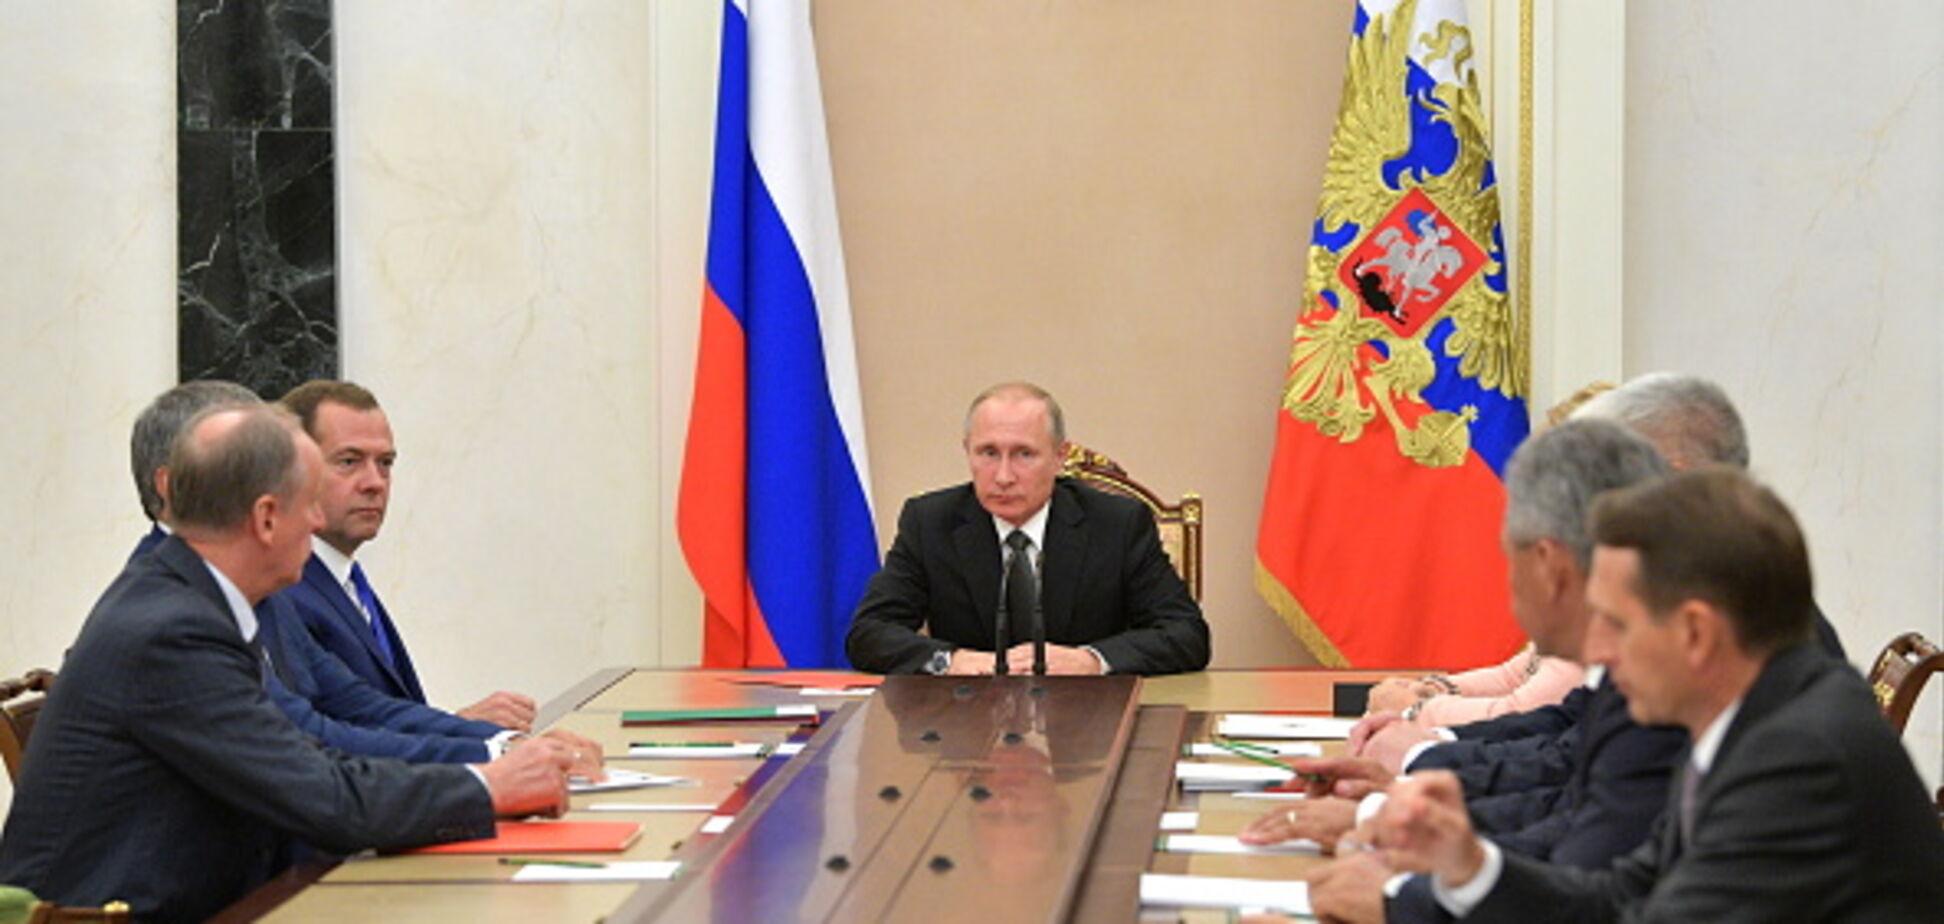 Кто станет преемником Путина: в России назвали главных претендентов